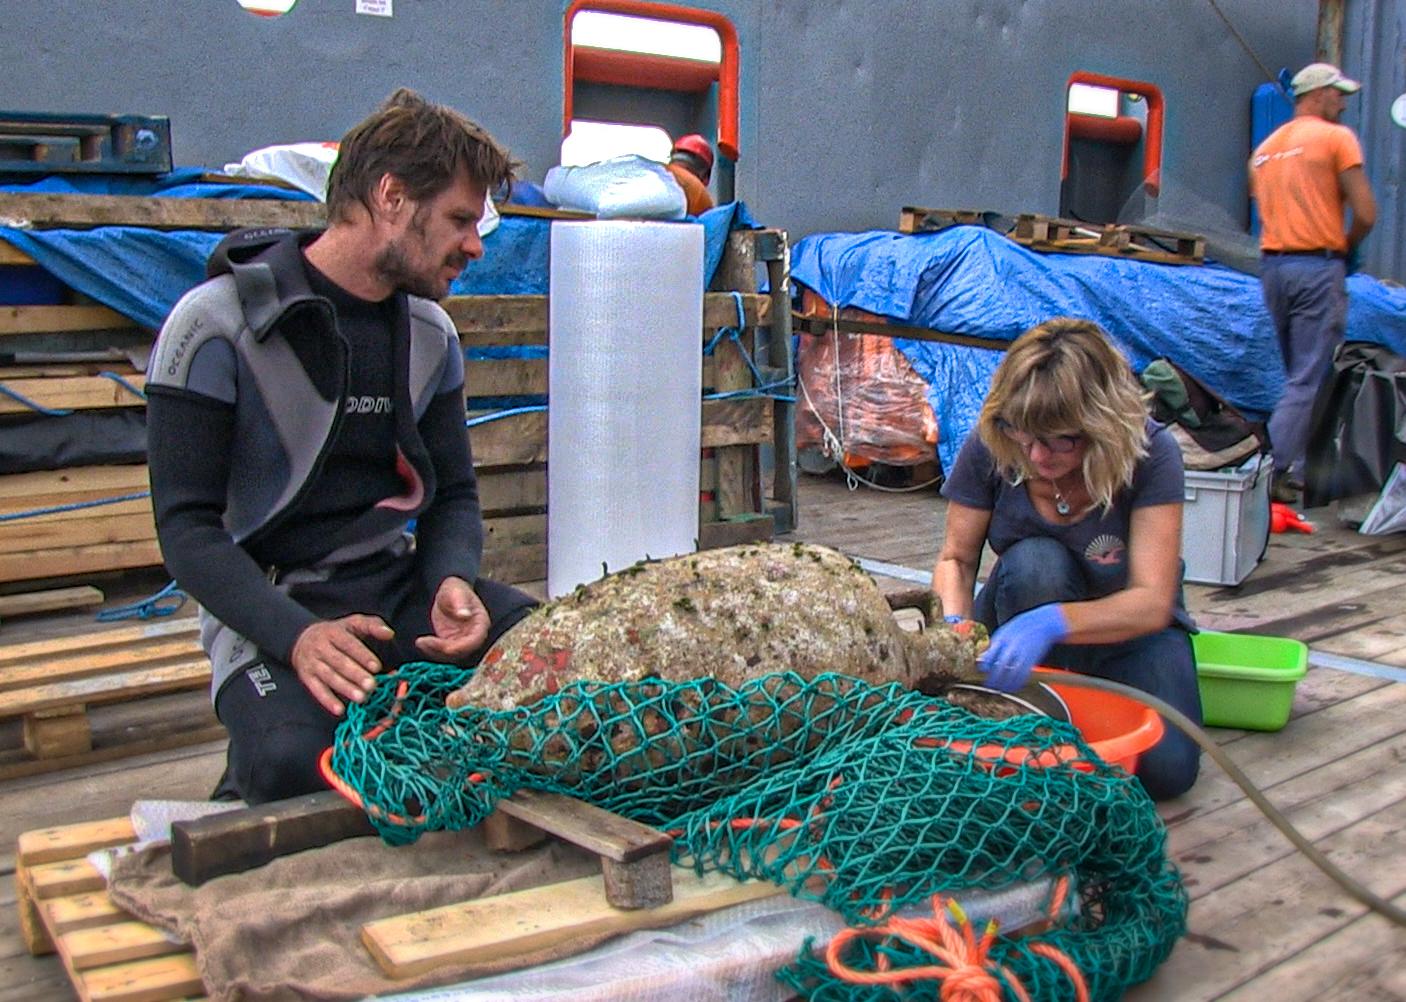 Αμφορέας από το φορτίο του ναυαγίου των Αντικυθήρων στο κατάστρωμα του ερευνητικού πλοίου «ΤΥΦΩΝΑΣ» δέχεται την φροντίδα της προϊσταμένης του τμήματος συντήρησης της Εφορείας Εναλίων Αρχαιοτήτων Χρύσας Φουσέκη και του Δρ Γεώργιου Κουτσουφλάκη